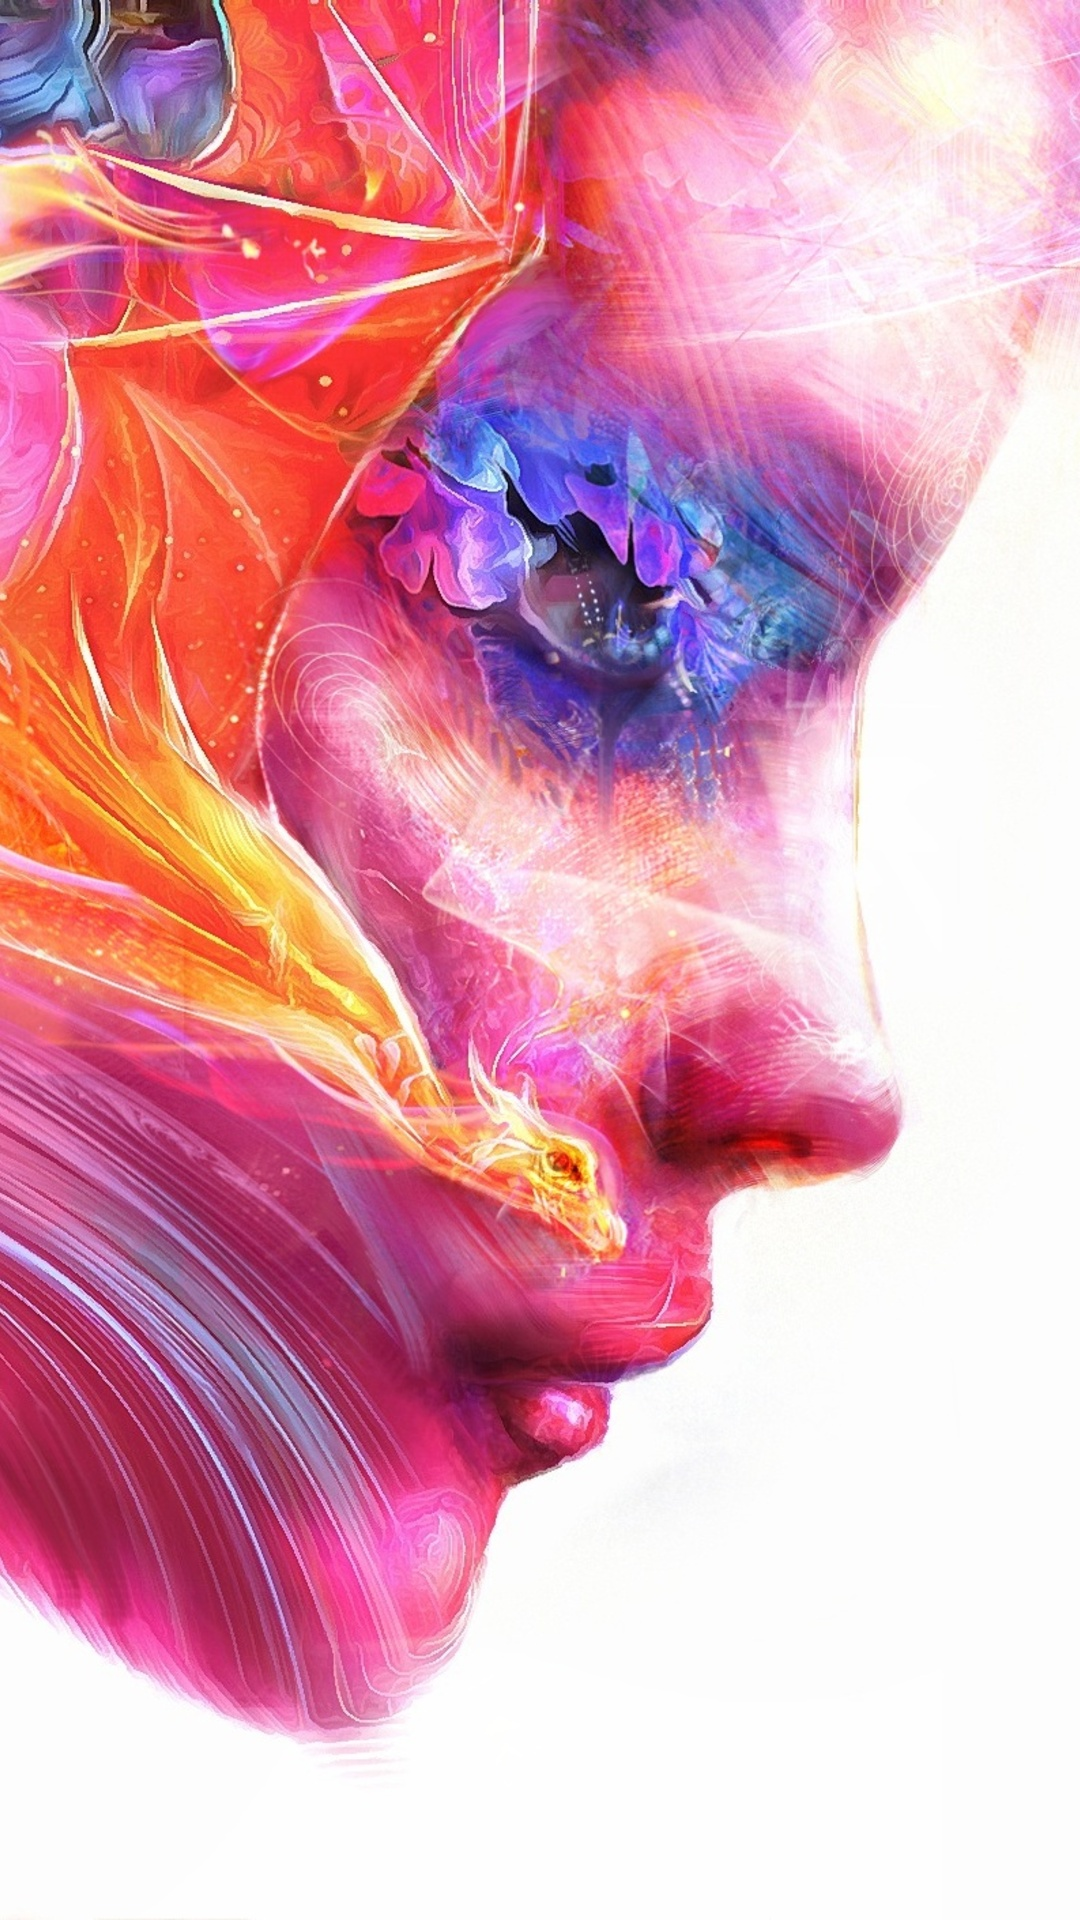 colorful-women-face-artwork-ni.jpg